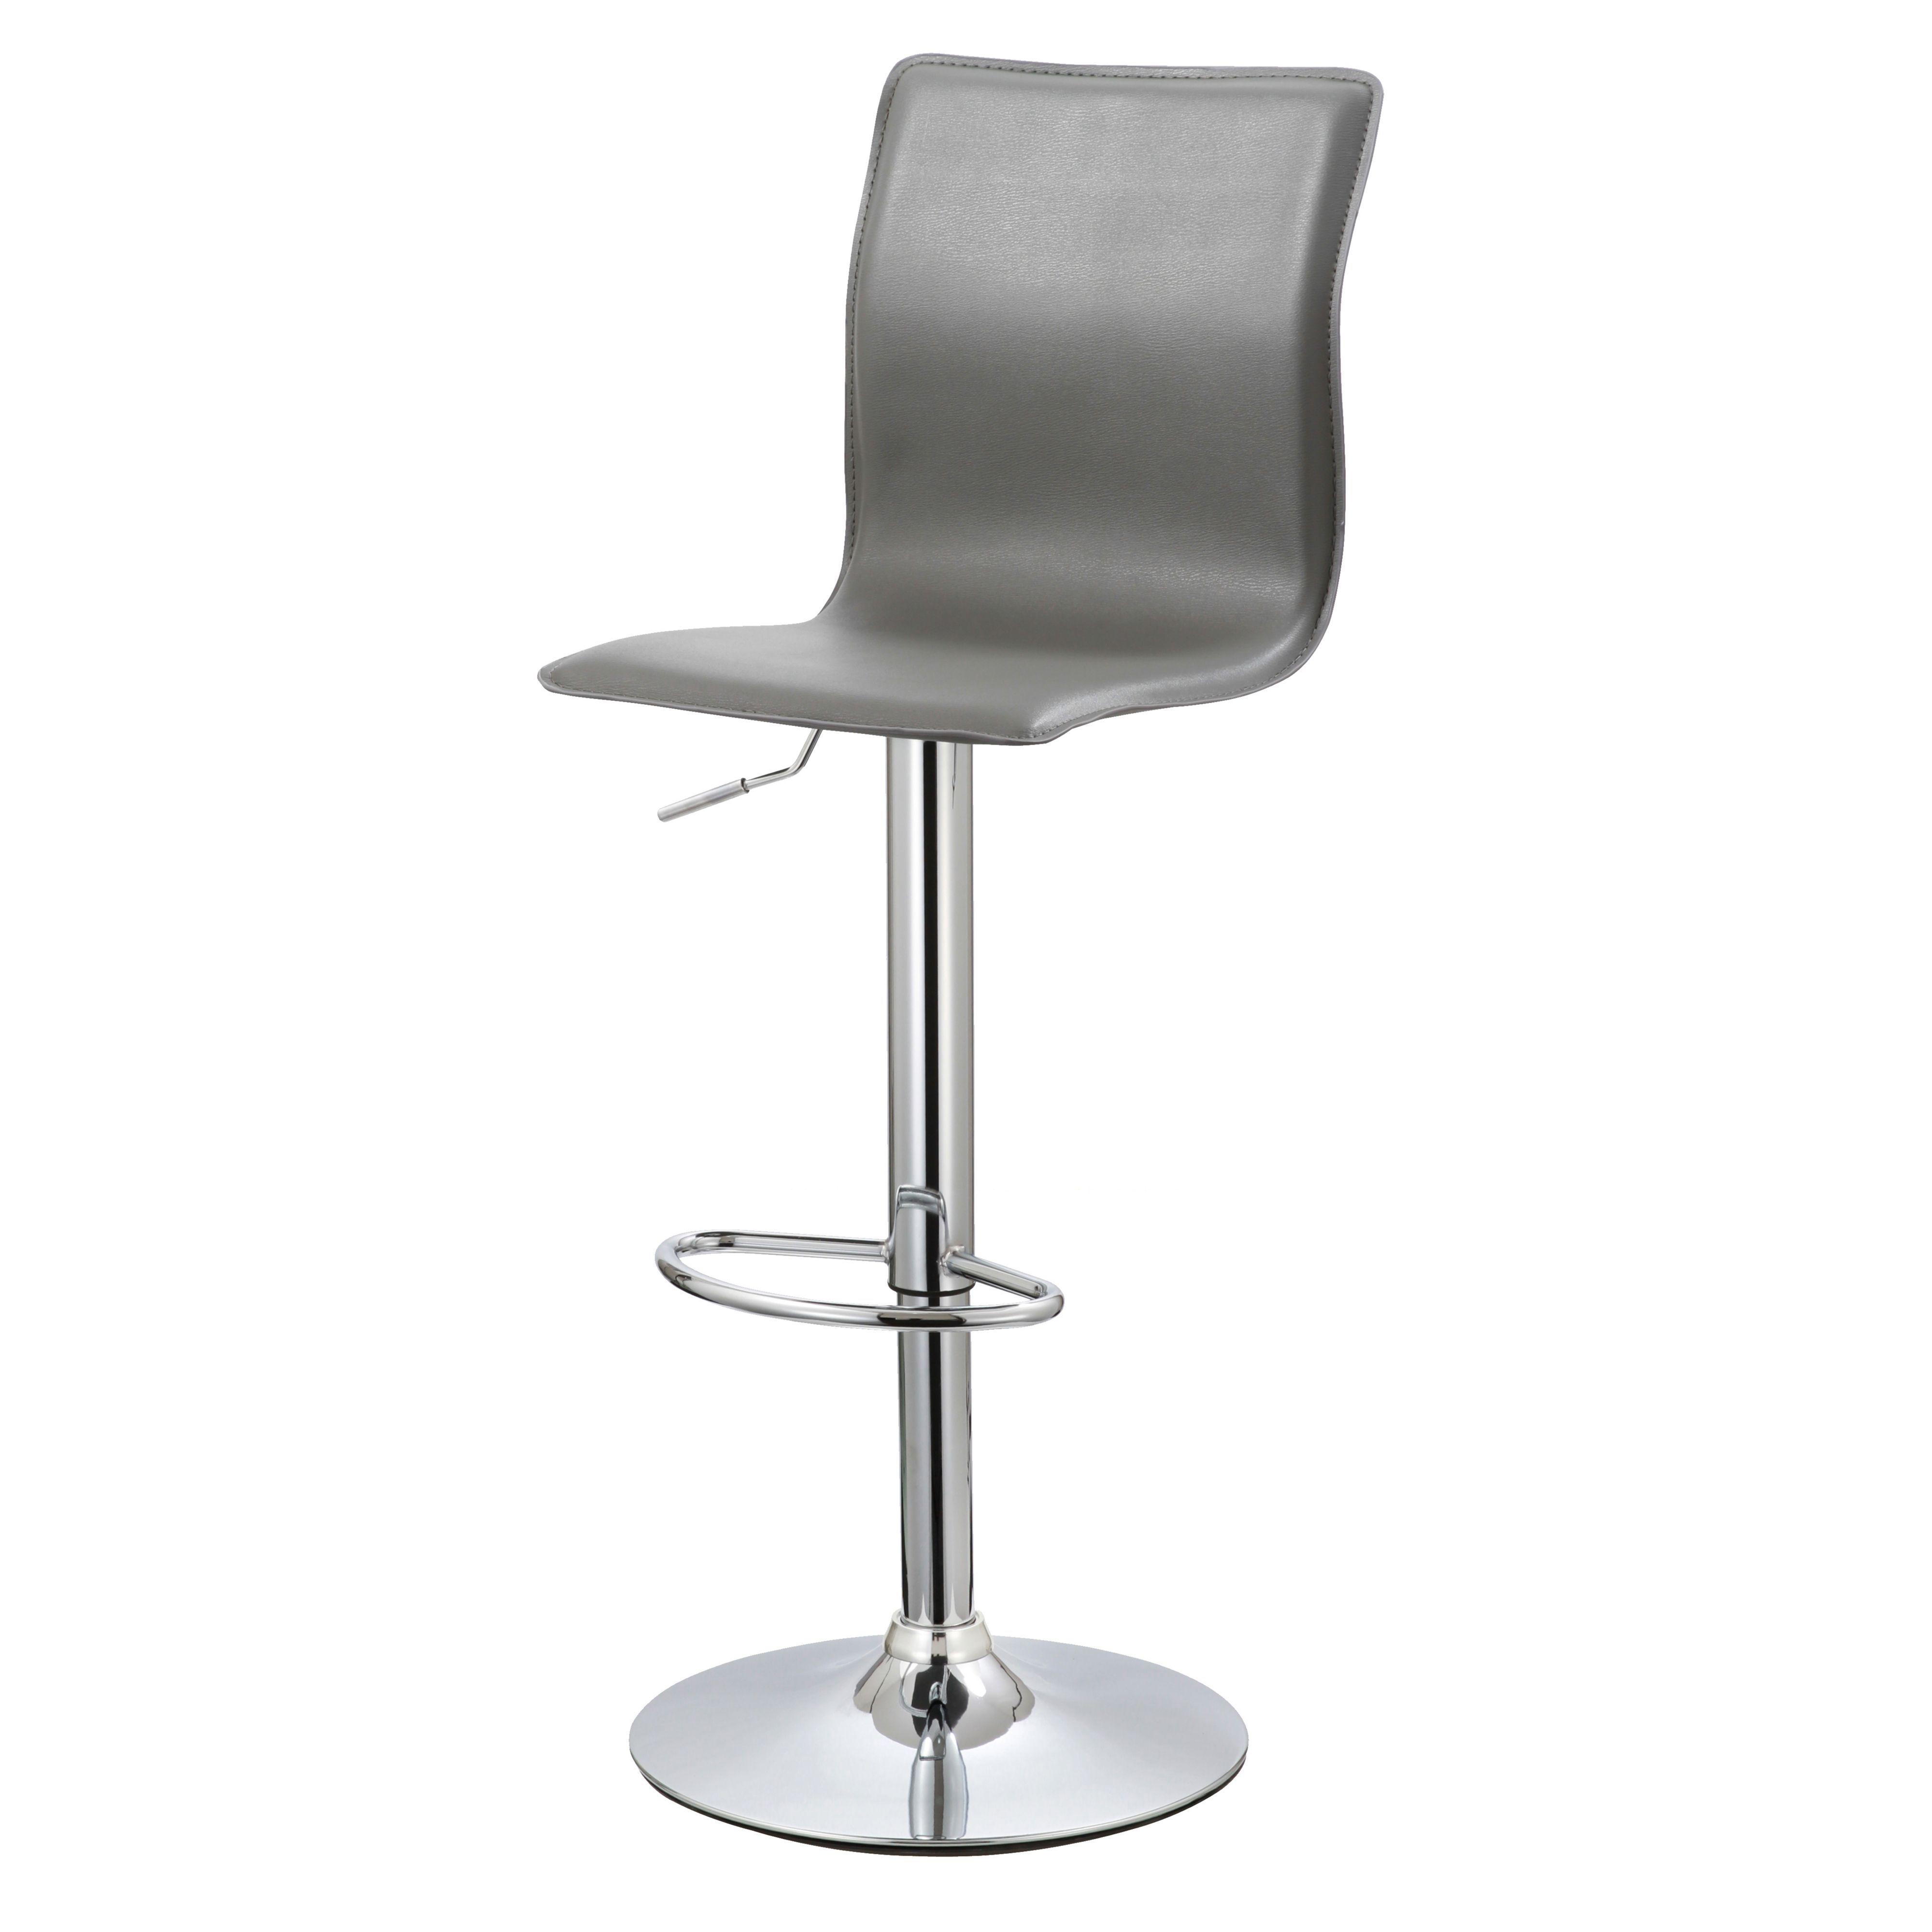 firenze modern chrome effect bar stool h1178mm w450mm